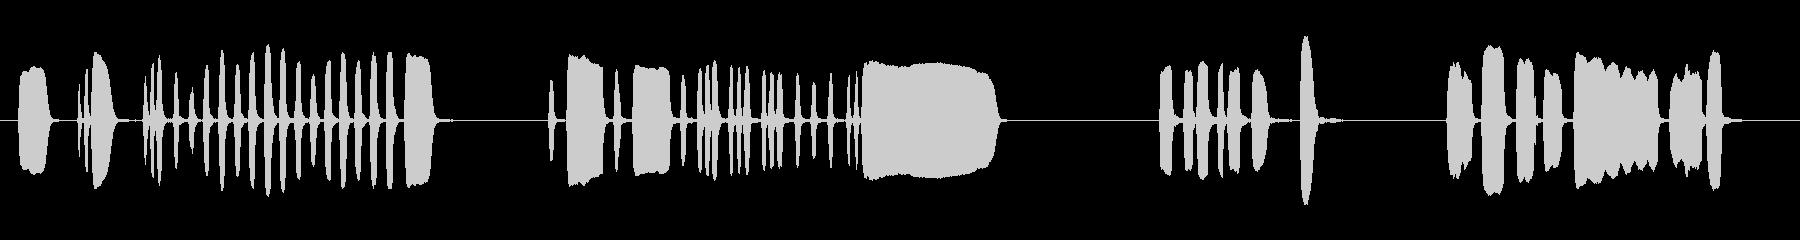 トランペット、吹く、ファンファーレ...の未再生の波形